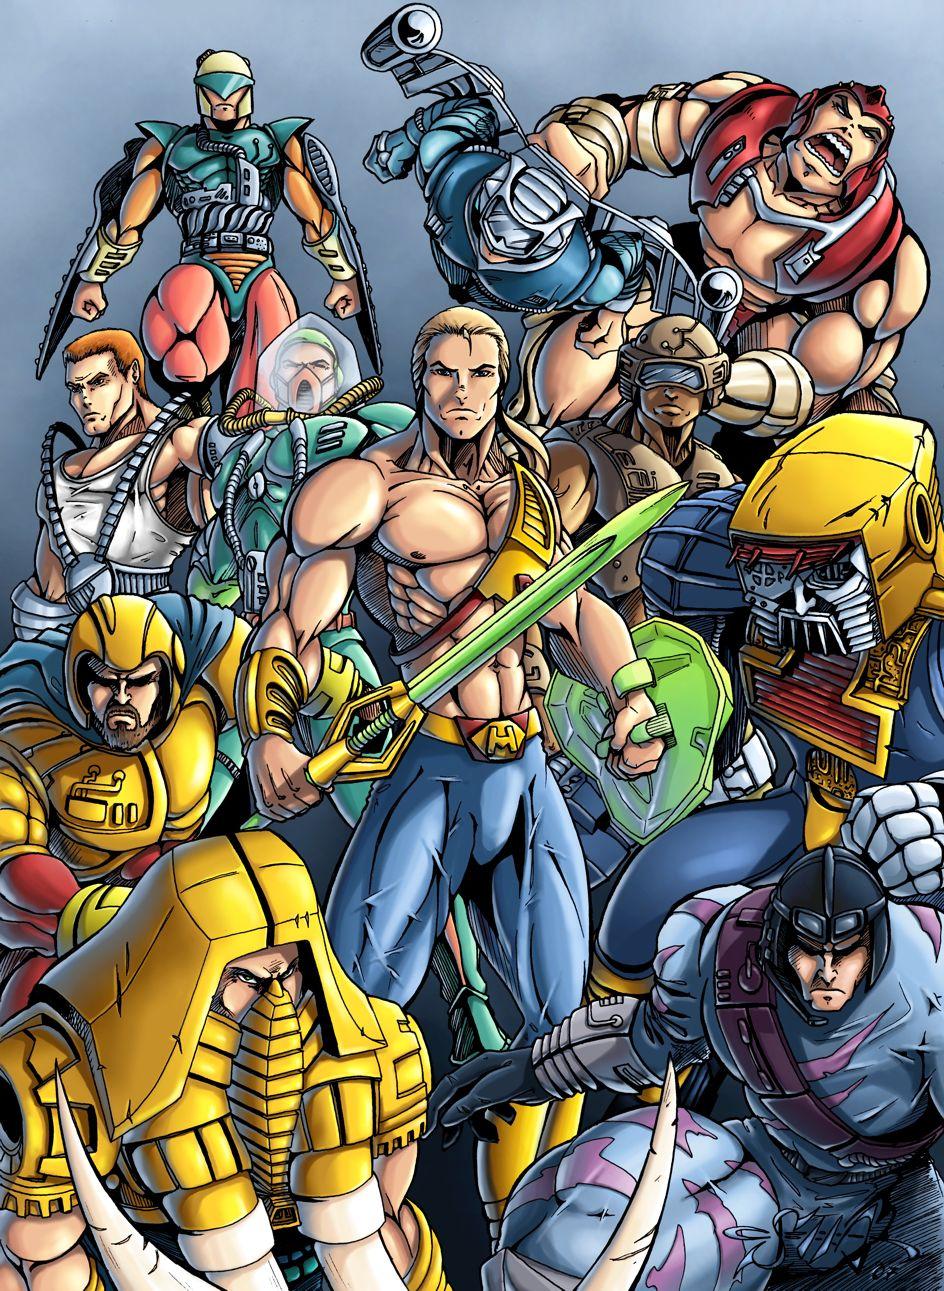 MotU - New Adventures of He-Man Vol.1 by Killersha